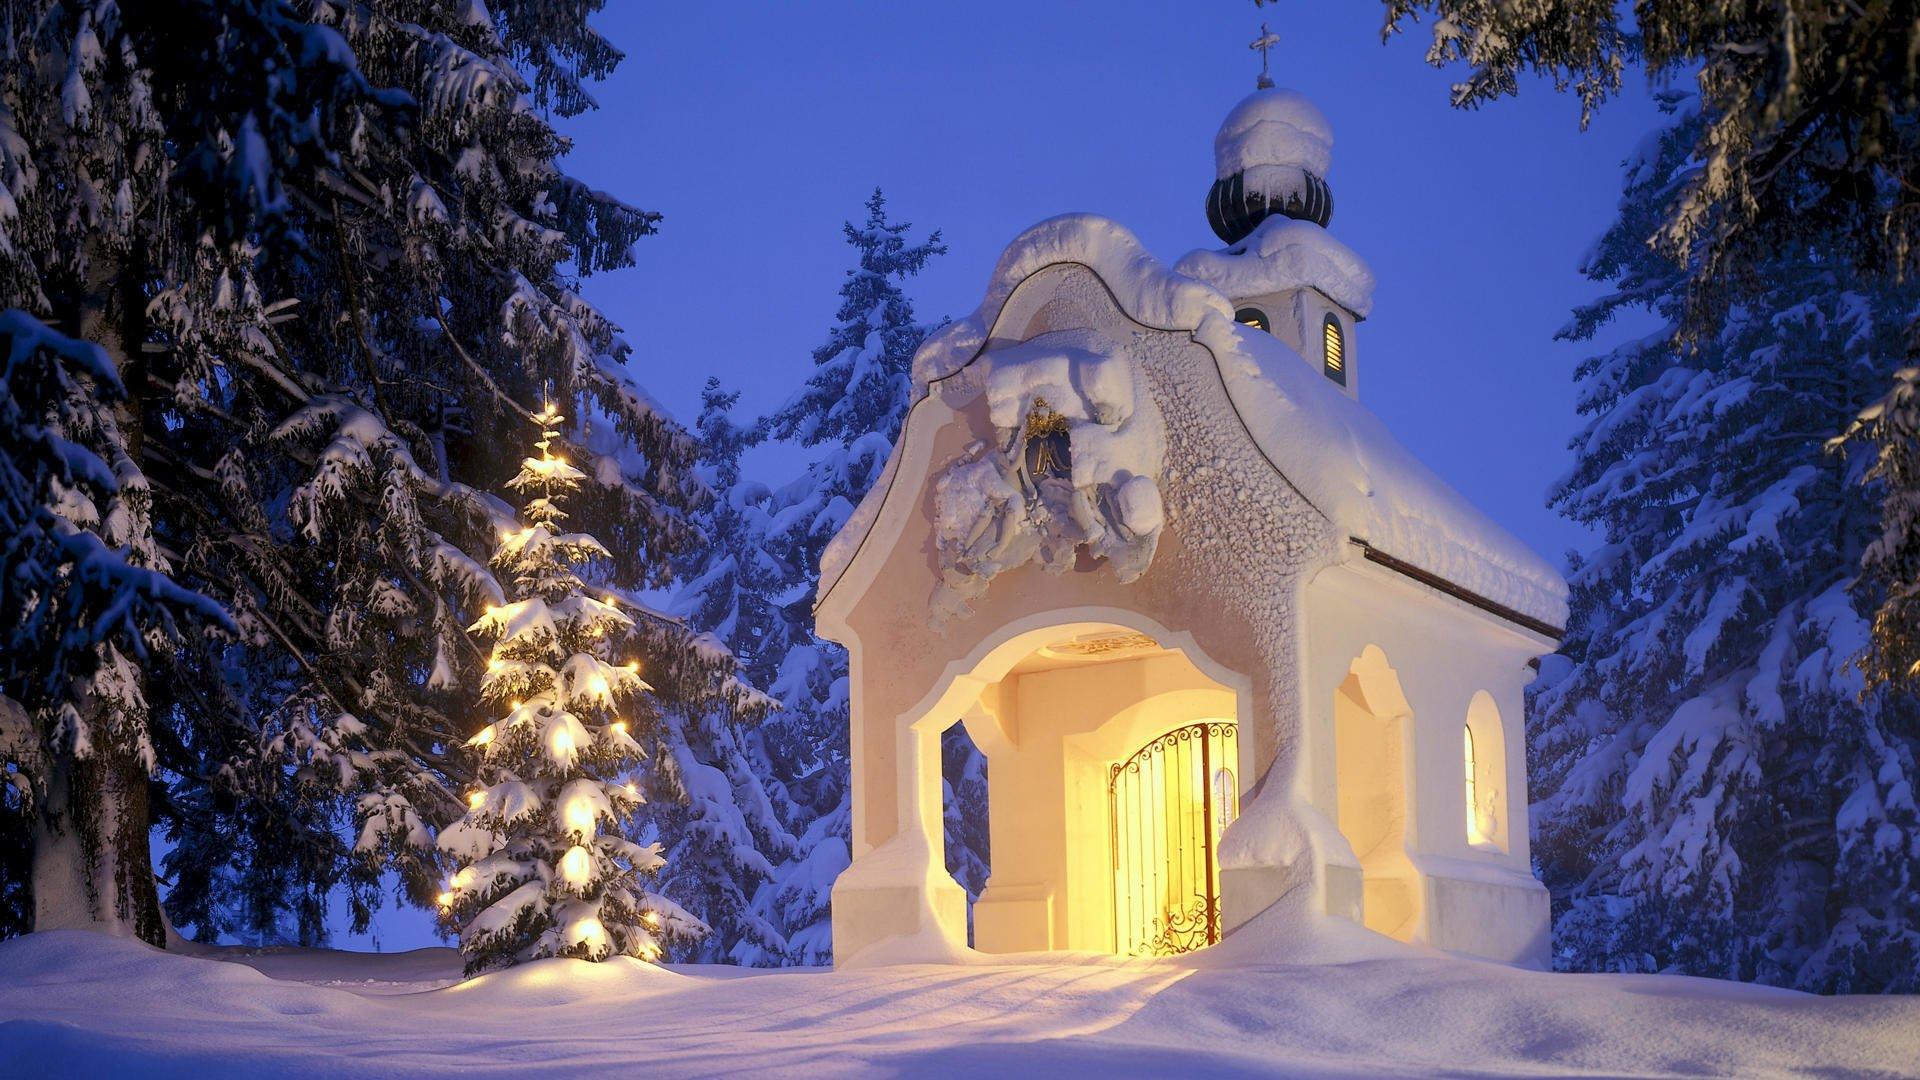 Weihnachtsbilder Hd.Architecture Hd Wallpaper Background Image 1920x1080 Id 208839